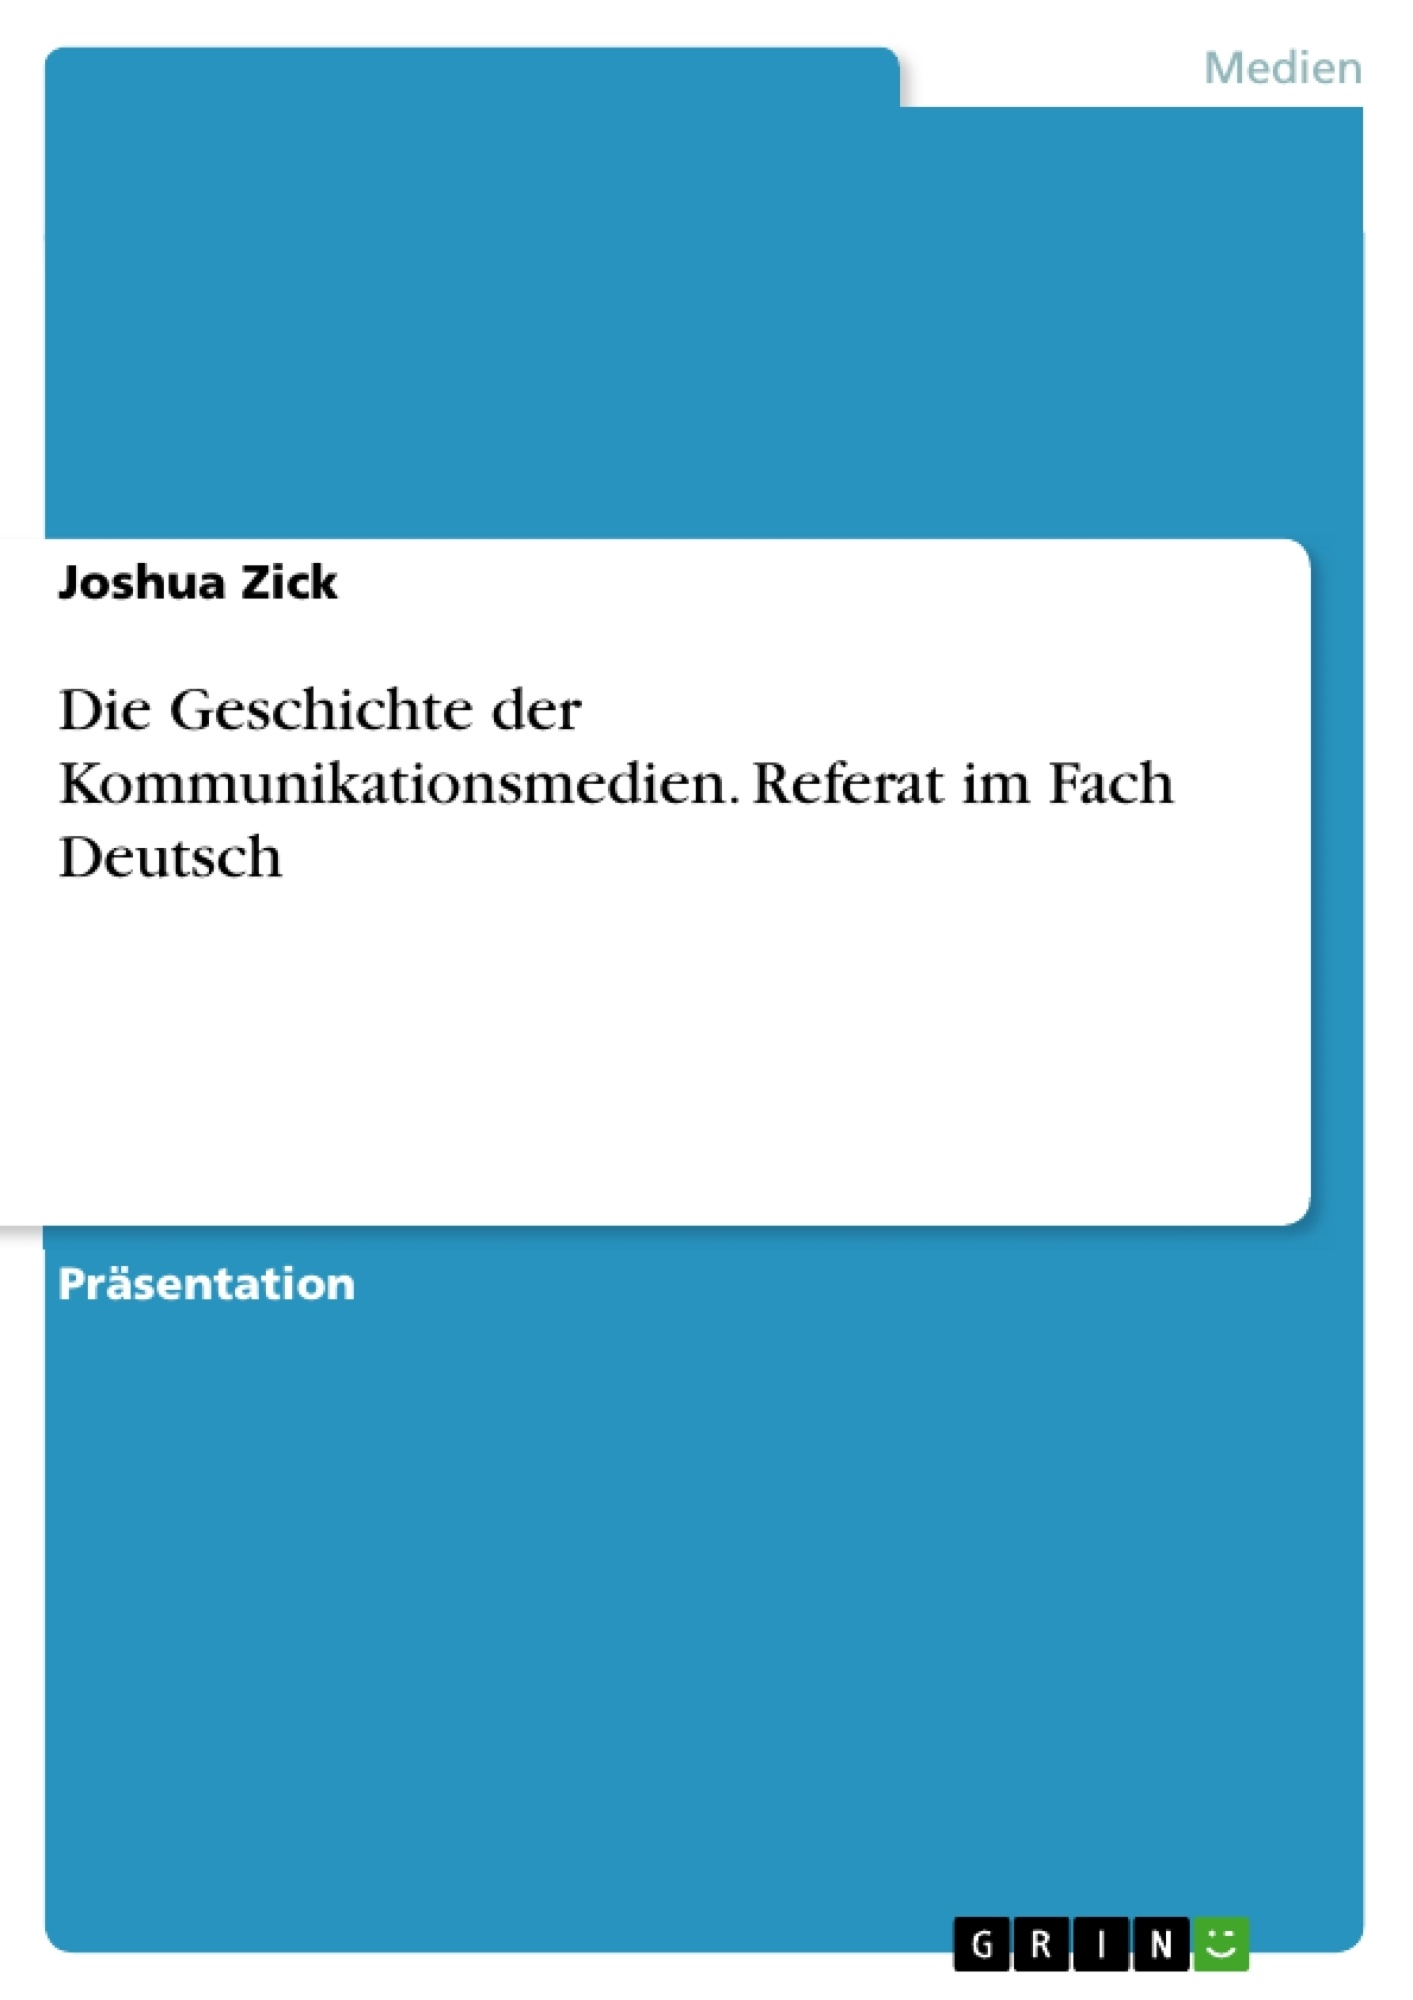 Titel: Die Geschichte der Kommunikationsmedien. Referat im Fach Deutsch